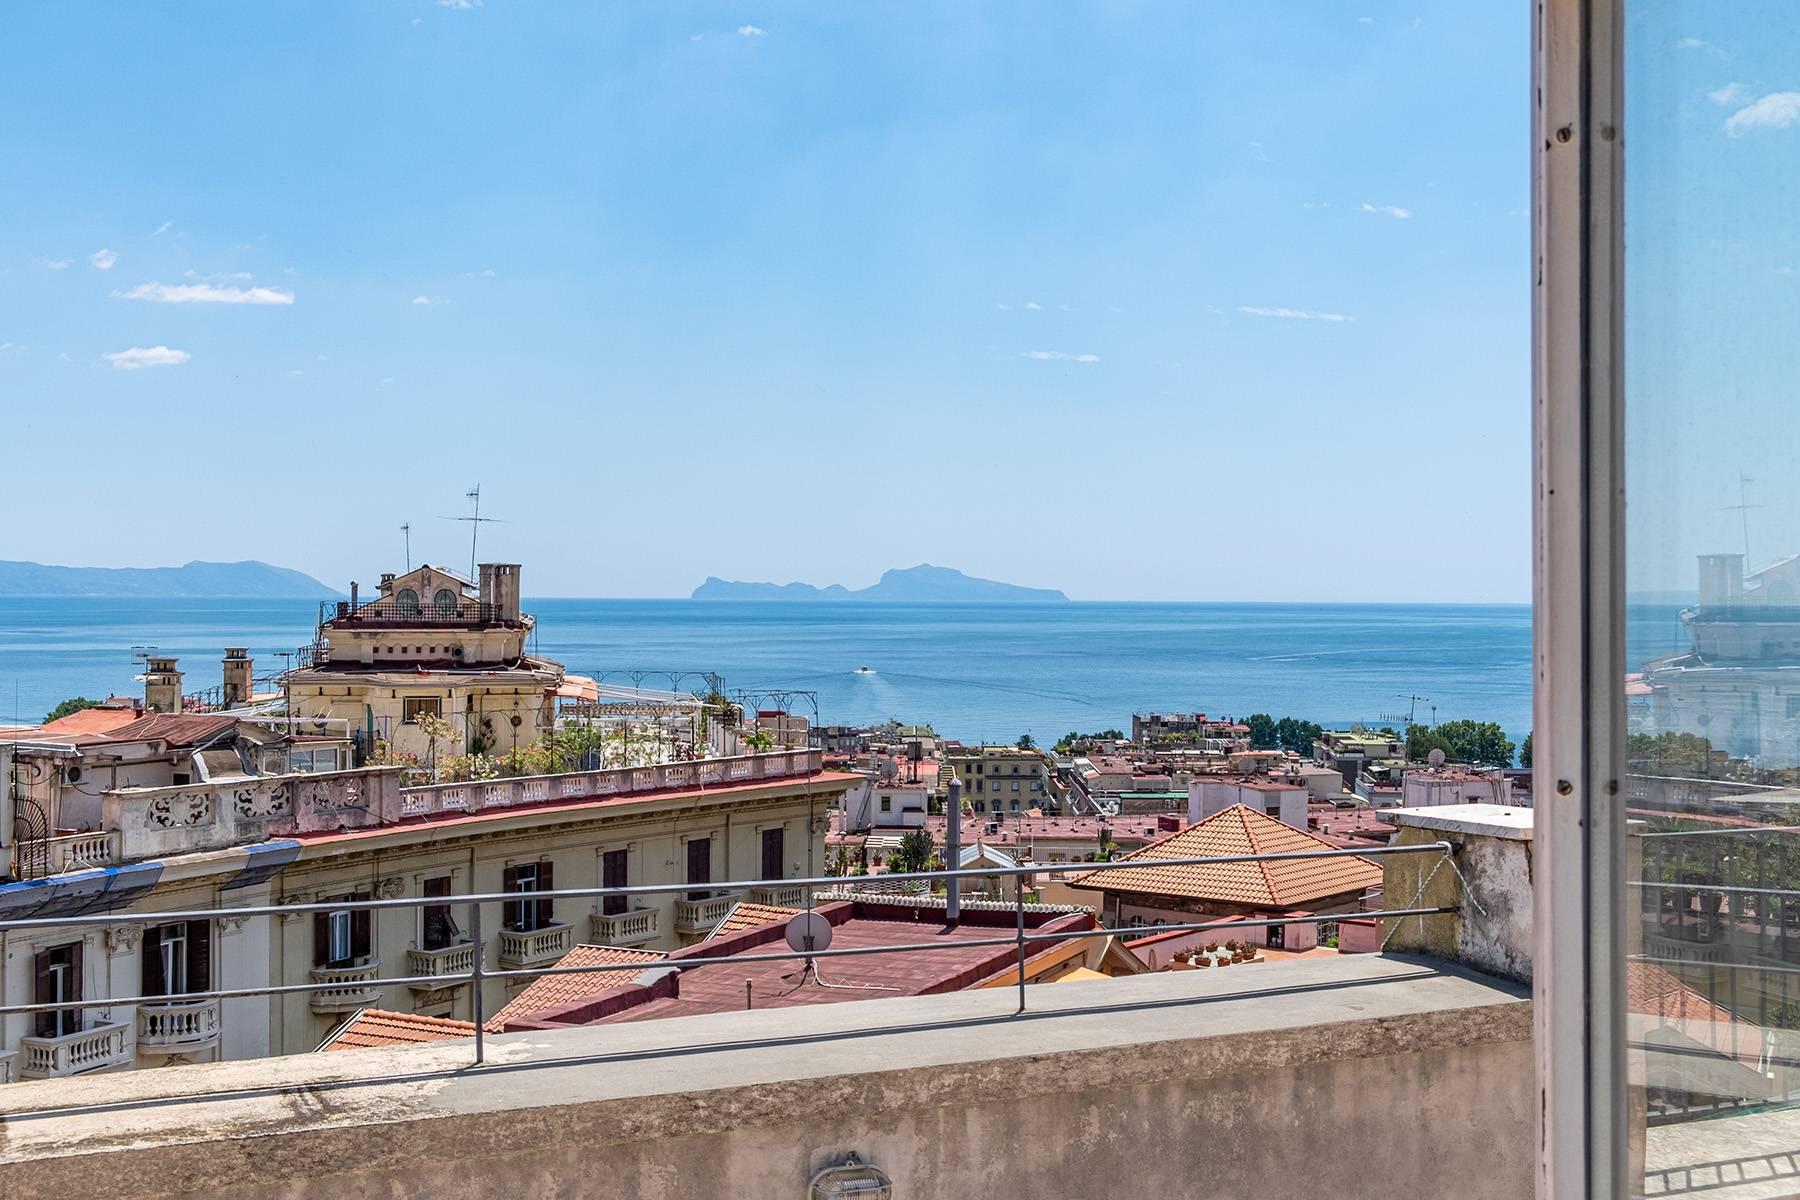 Attico in Vendita a Napoli: 5 locali, 180 mq